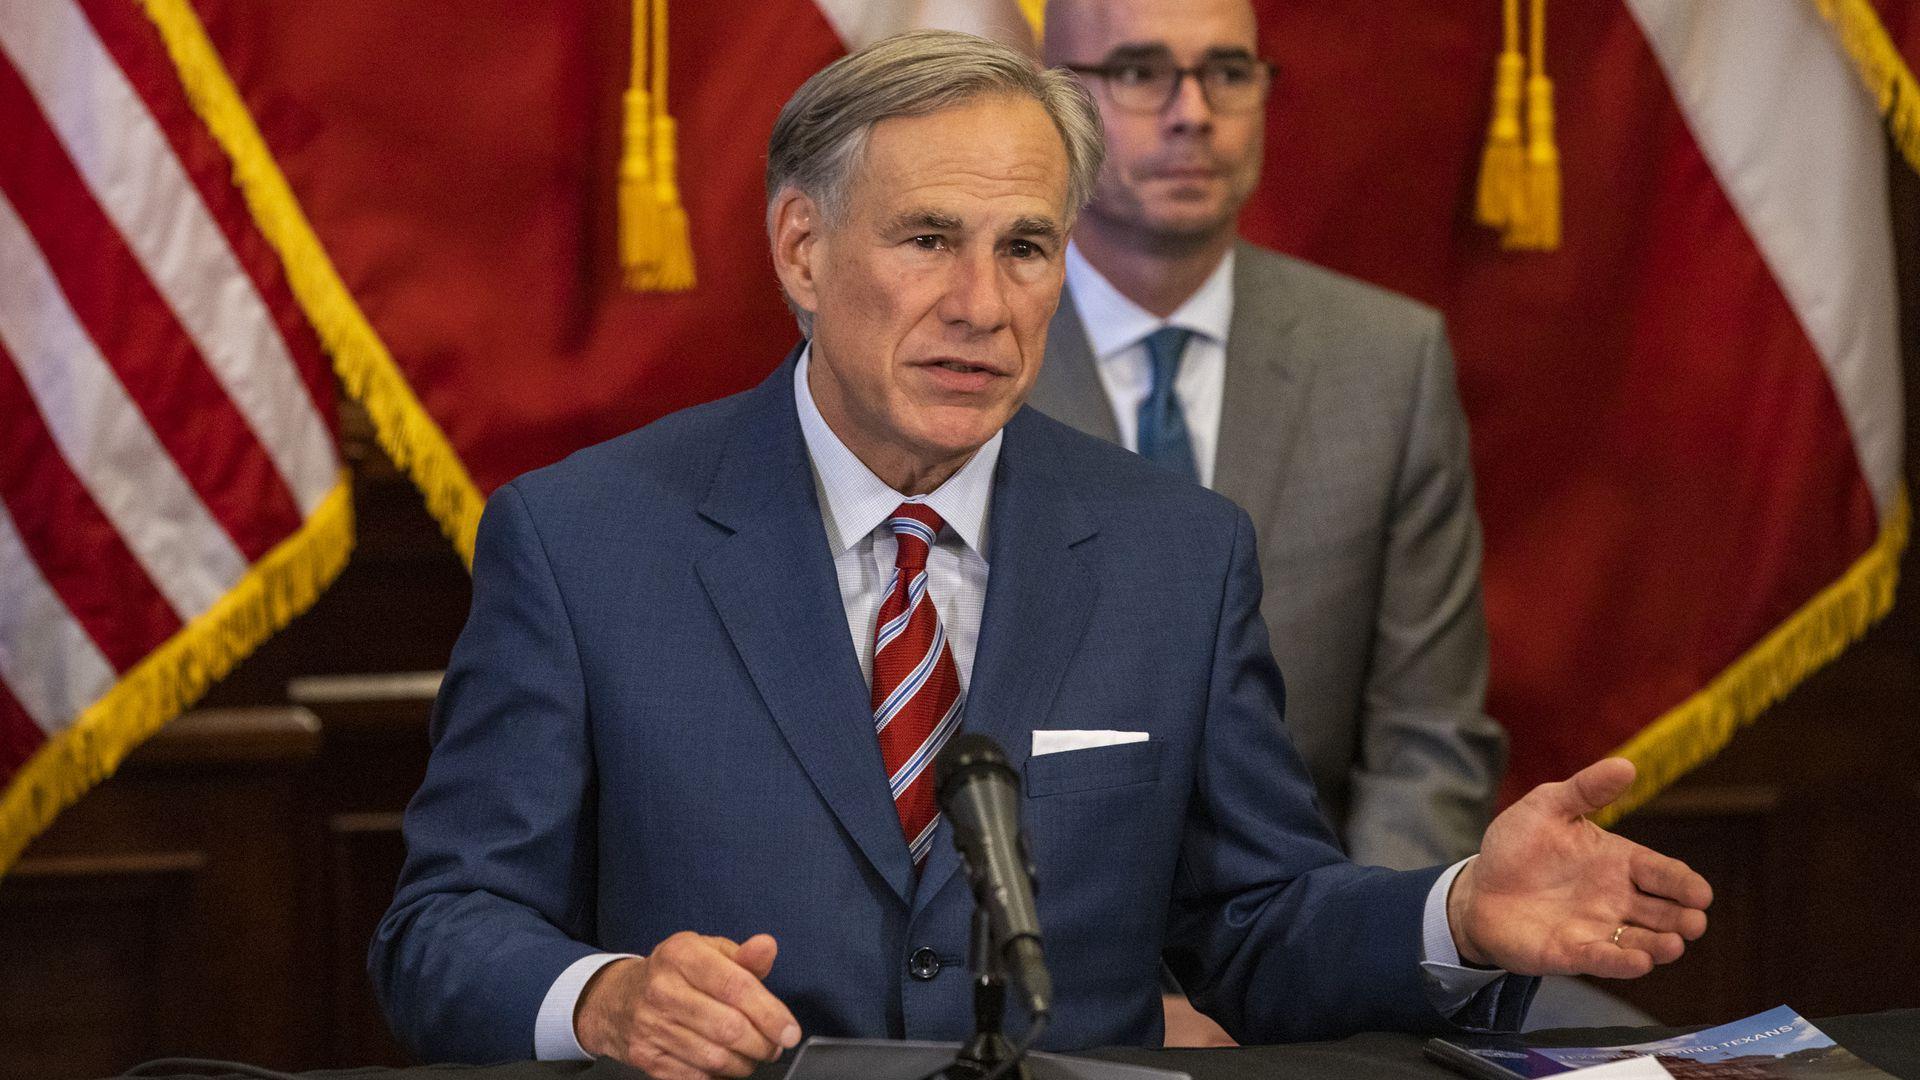 Teksas Eyaleti Kripto Paraları Tanıyan Kanunu İmzaladı!